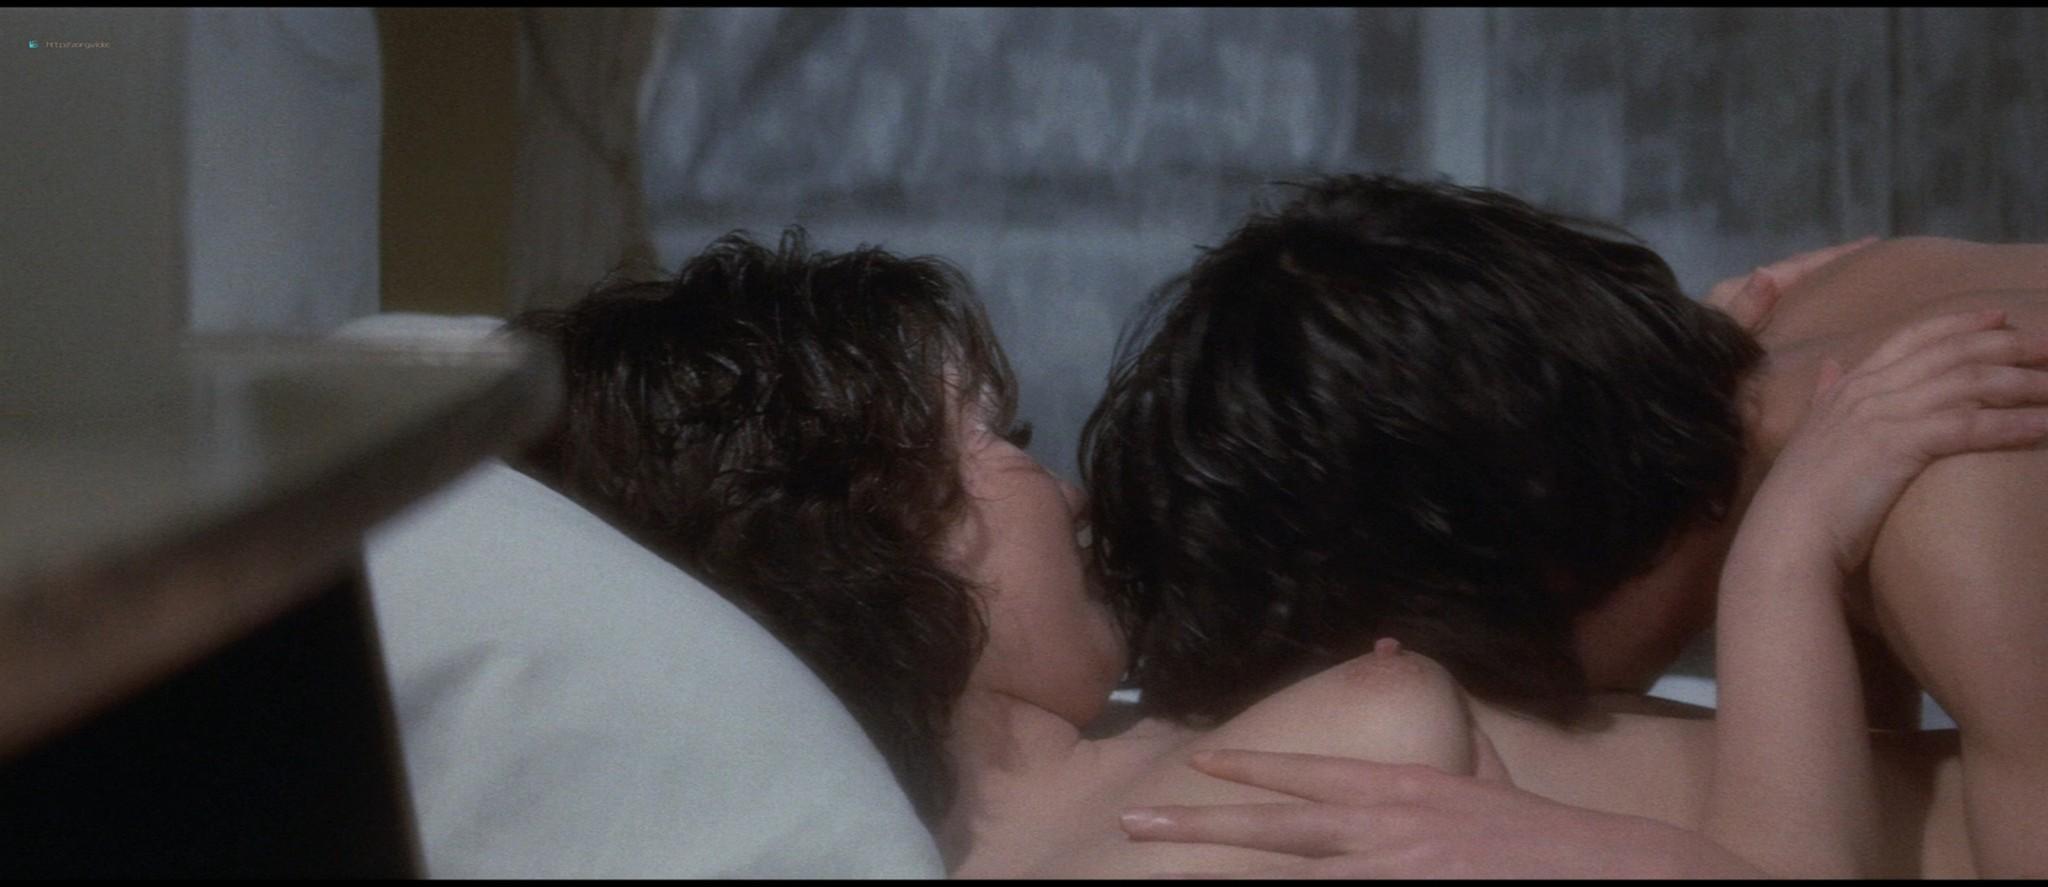 Tomoko Katsura nude sex Hidemi Hara nude sex too - Mesunekotachi no yoru (JP-1972) HD 1080p BluRay (8)